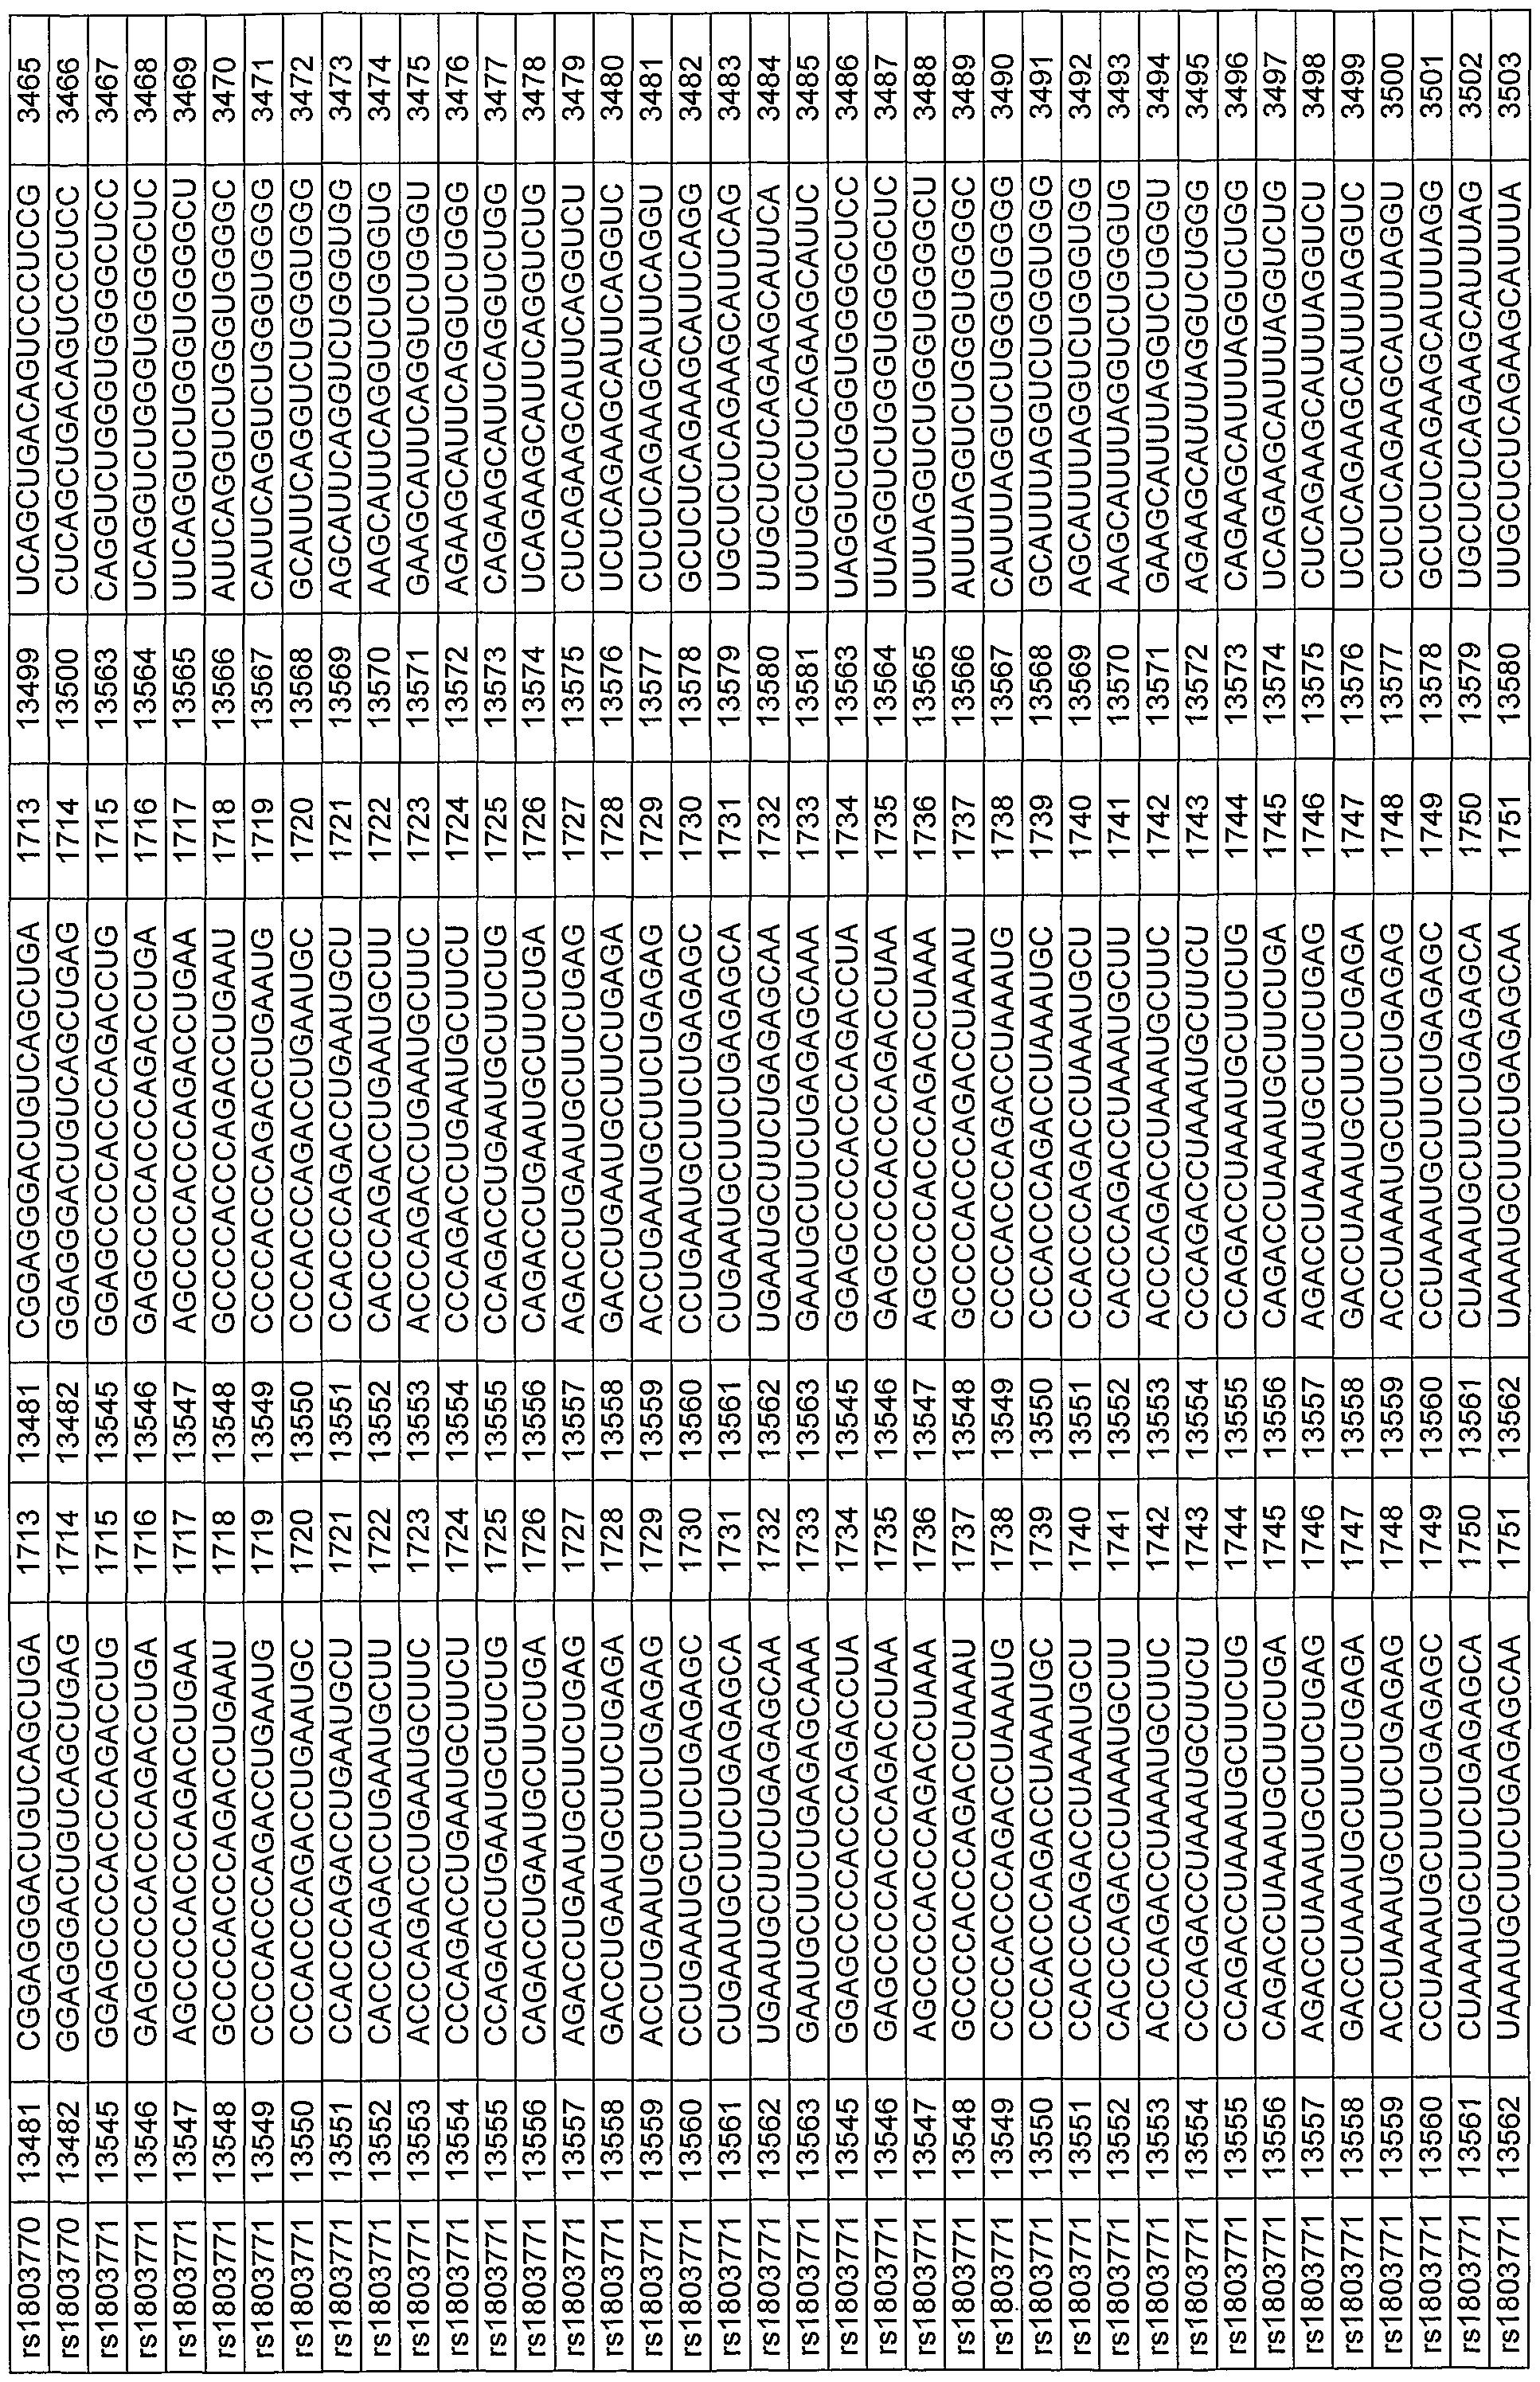 Figure imgf000257_0002